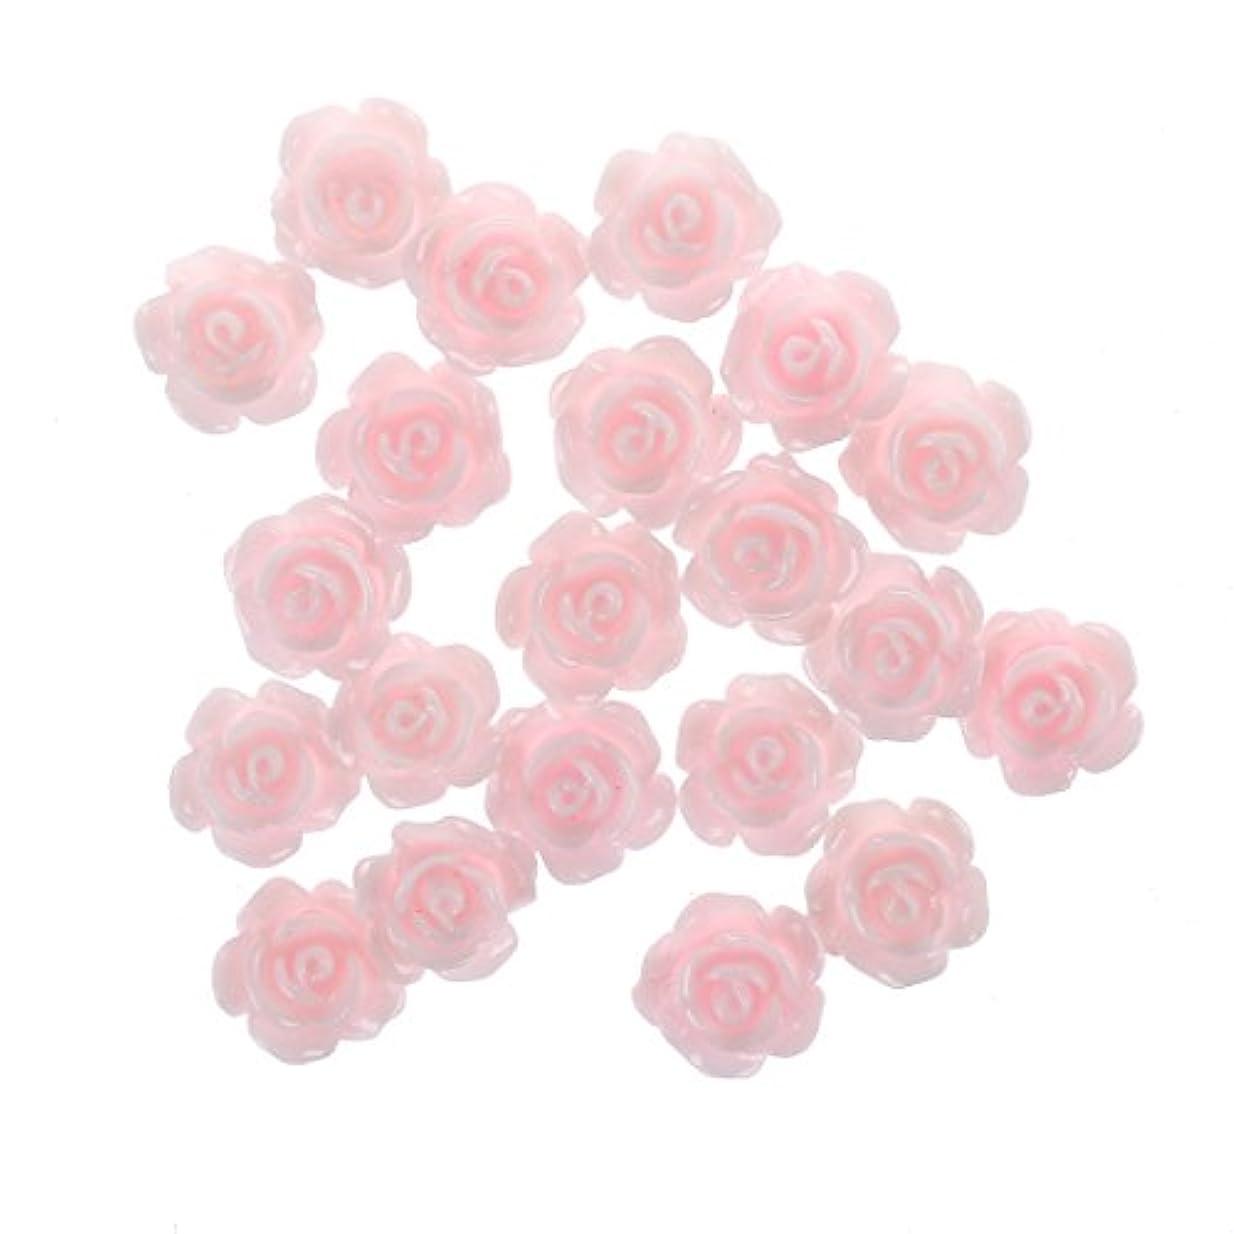 価値のないビルマ機会Nrpfell 20x3Dピンクの小さいバラ ラインストーン付きネイルアート装飾